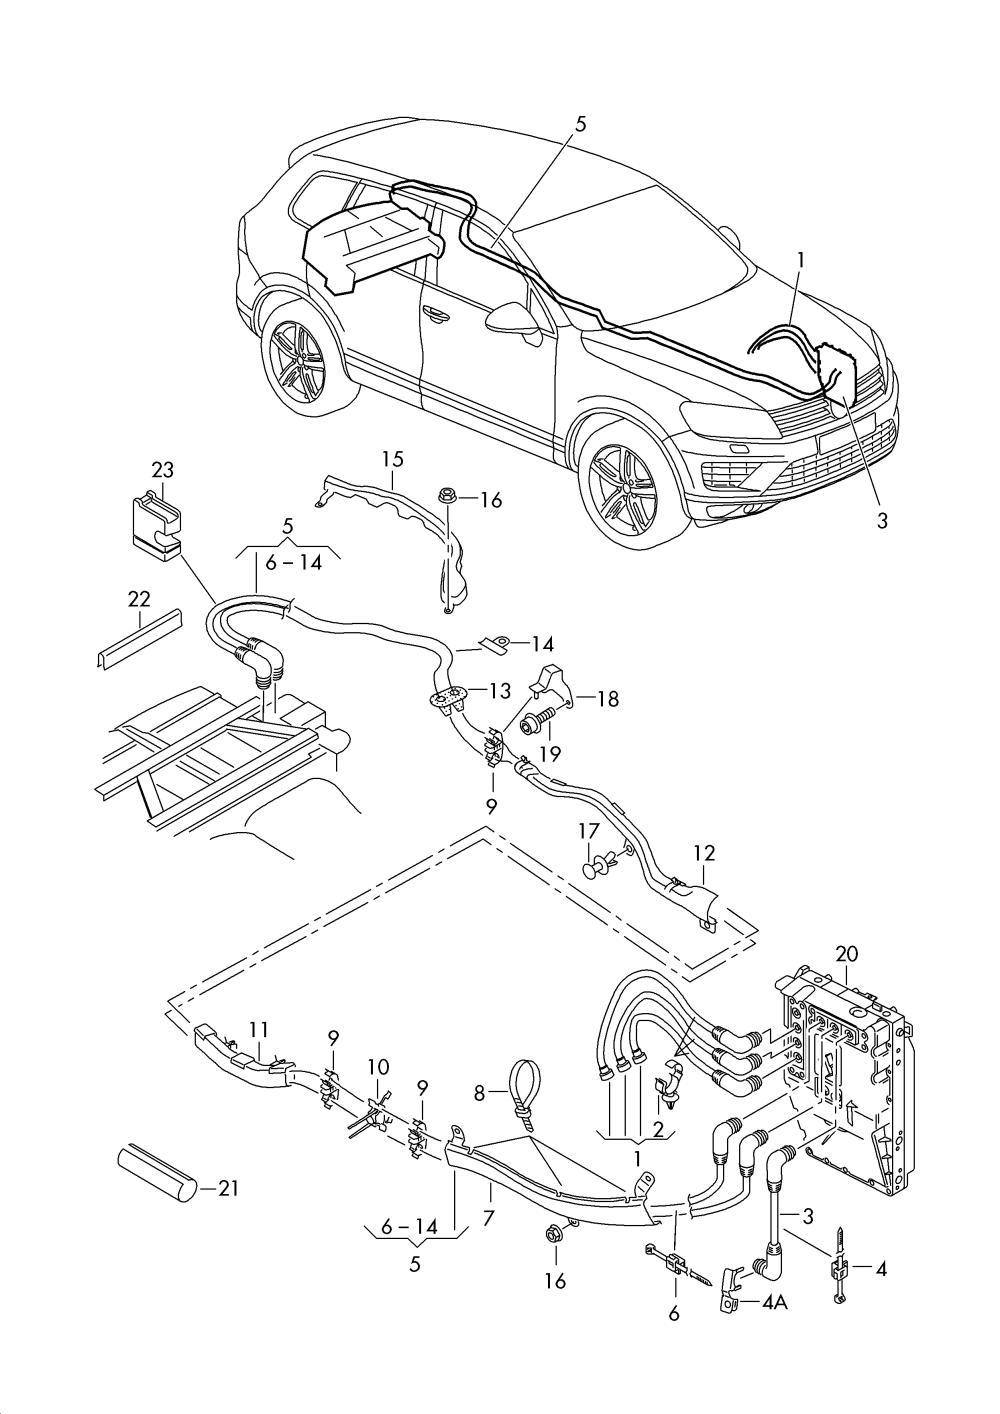 medium resolution of high voltage wiring set volkswagen touareg 2015 2017 vag etka